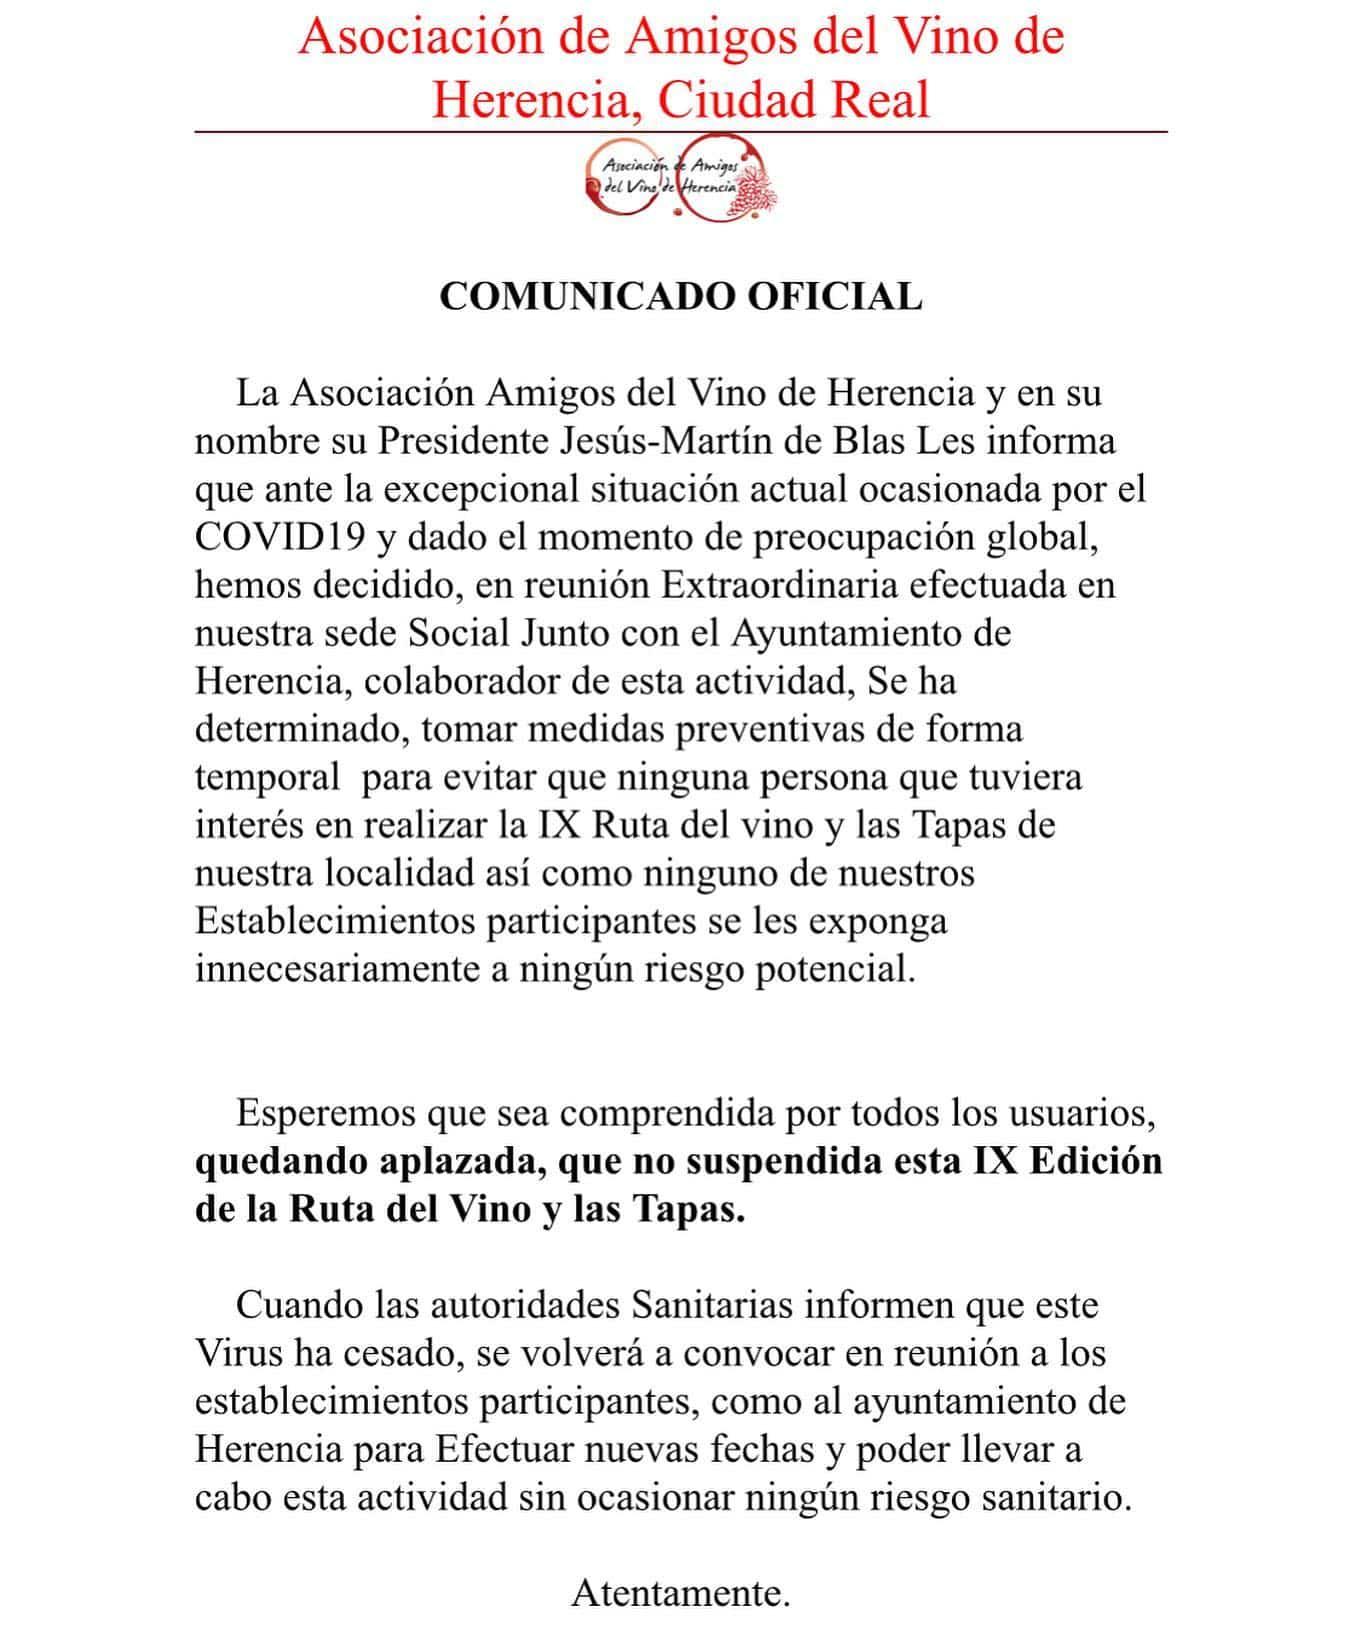 Aplazada la IX Edición de la Ruta del Vino y las Tapas por el coronavirus 3